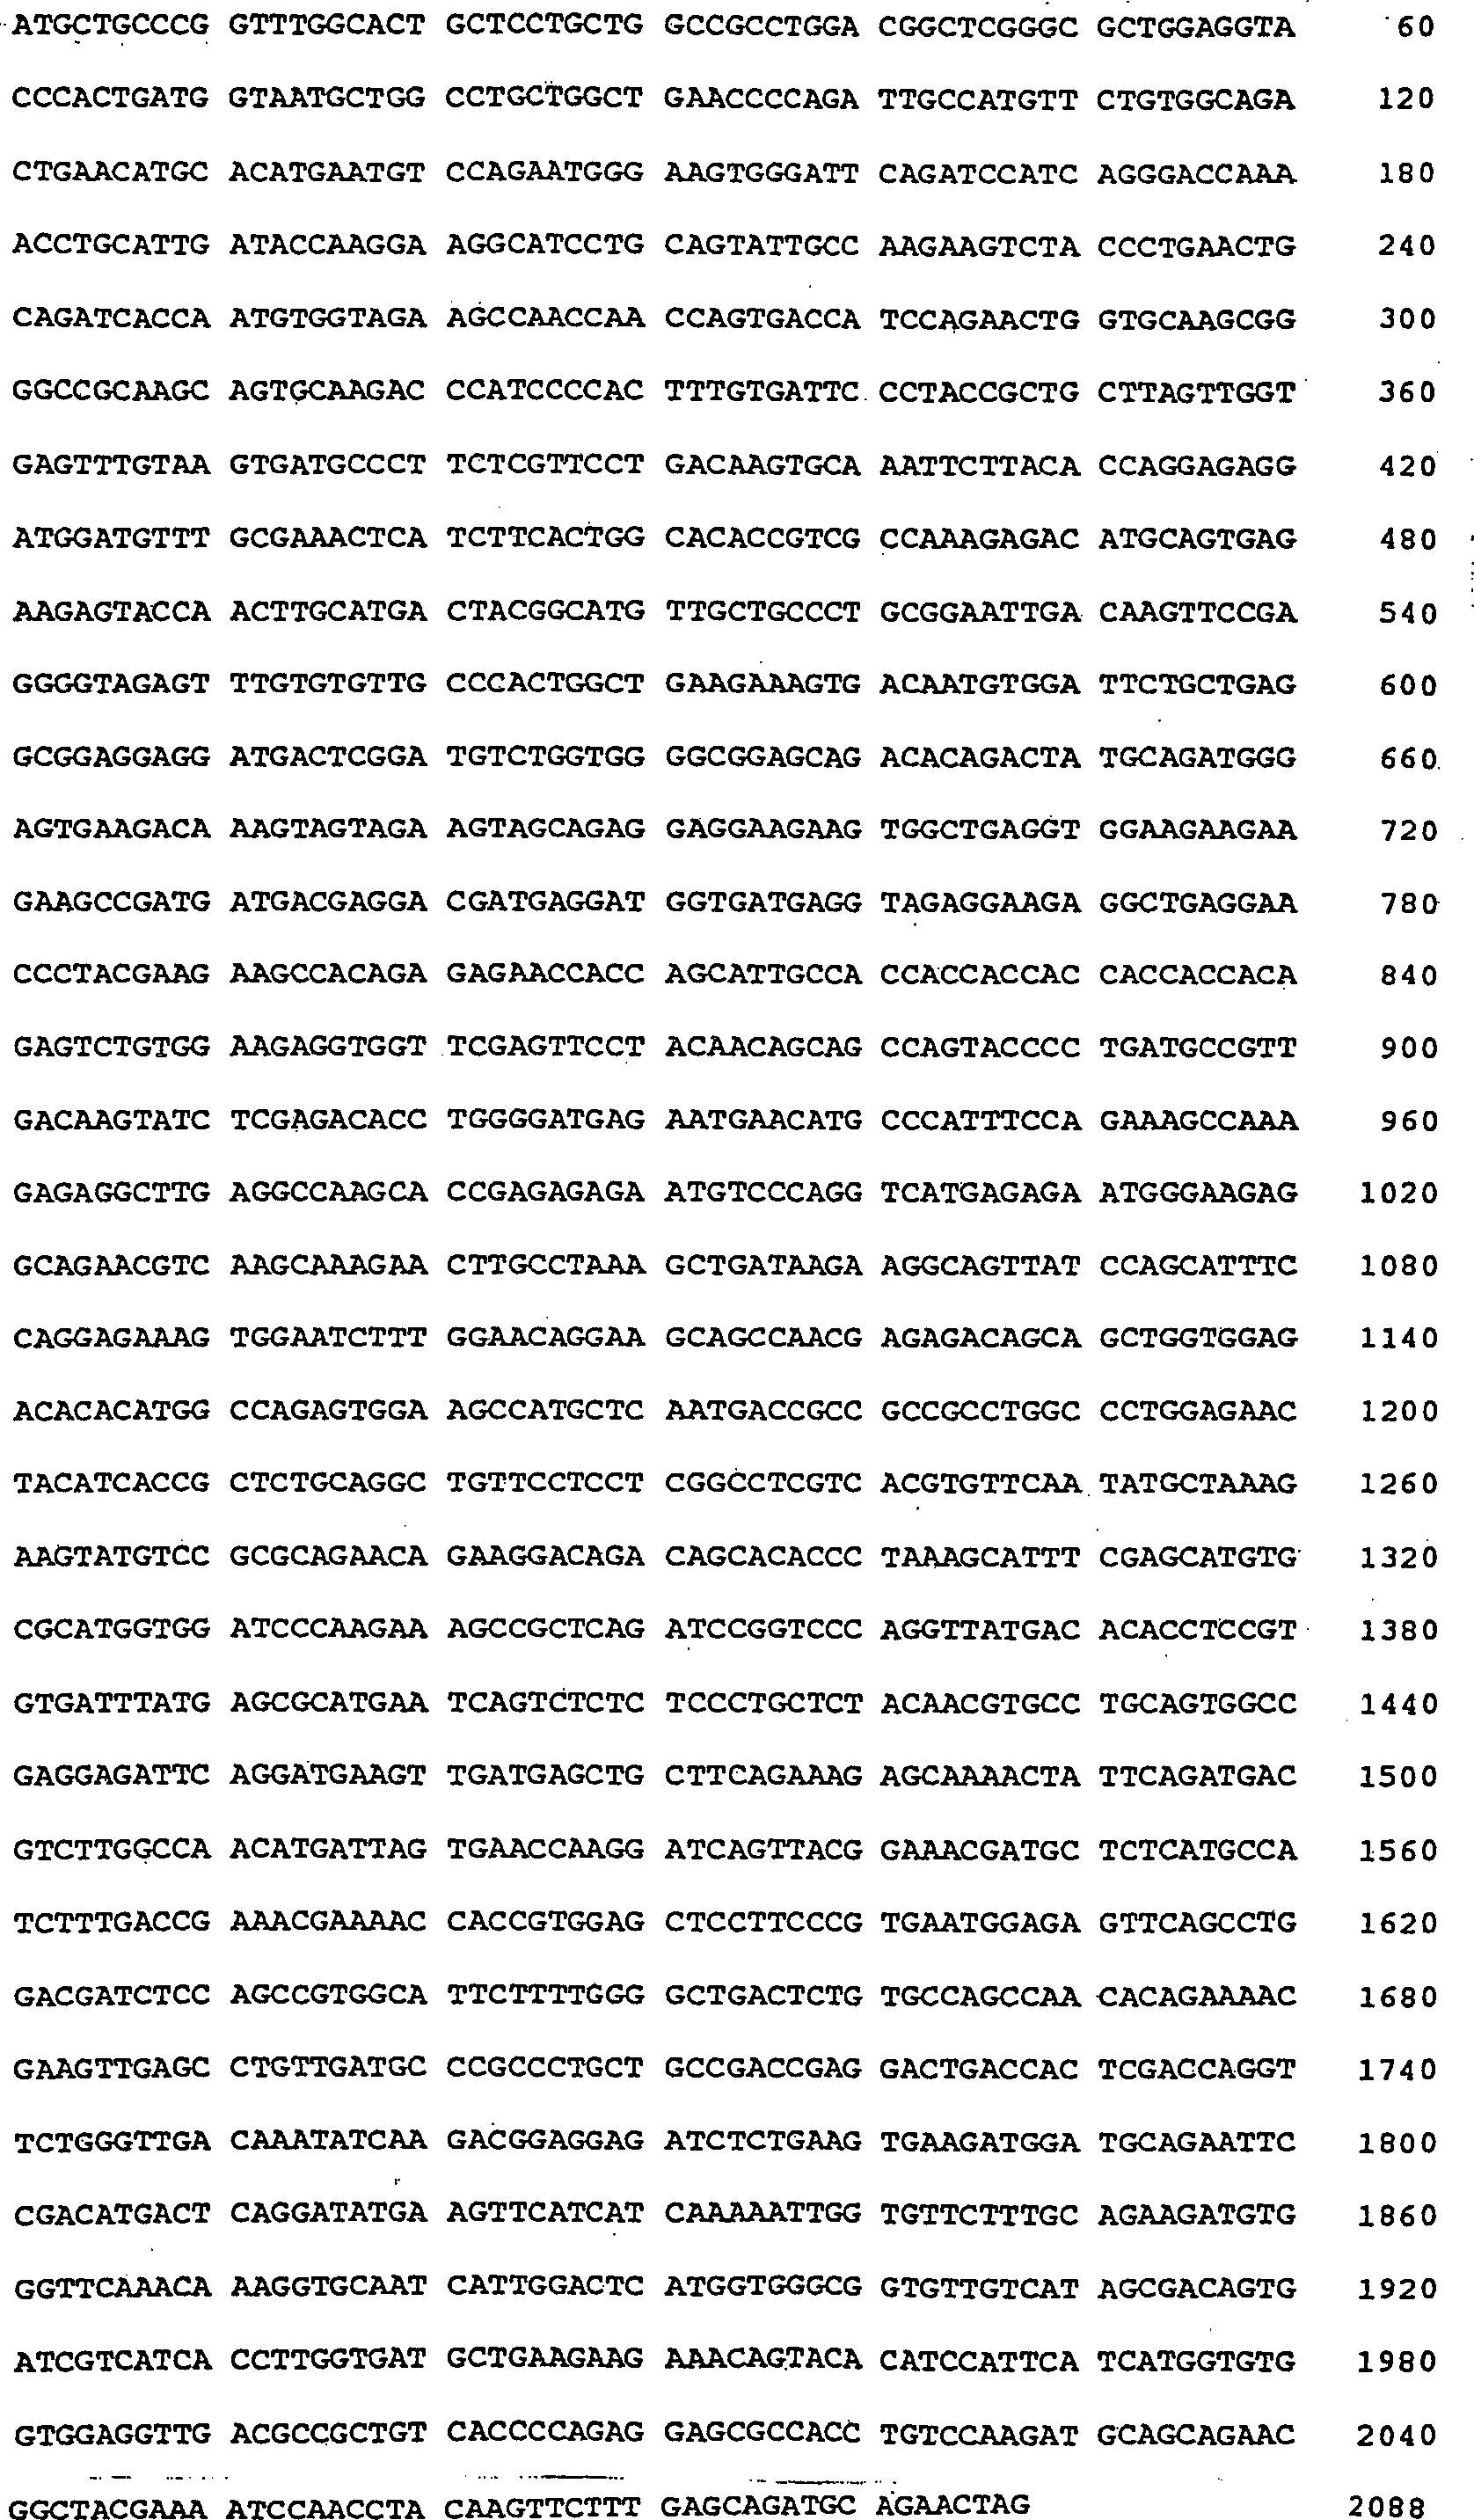 DE69233468T3 - Prüfung und modell für alzheimers-krankheit - Google ...